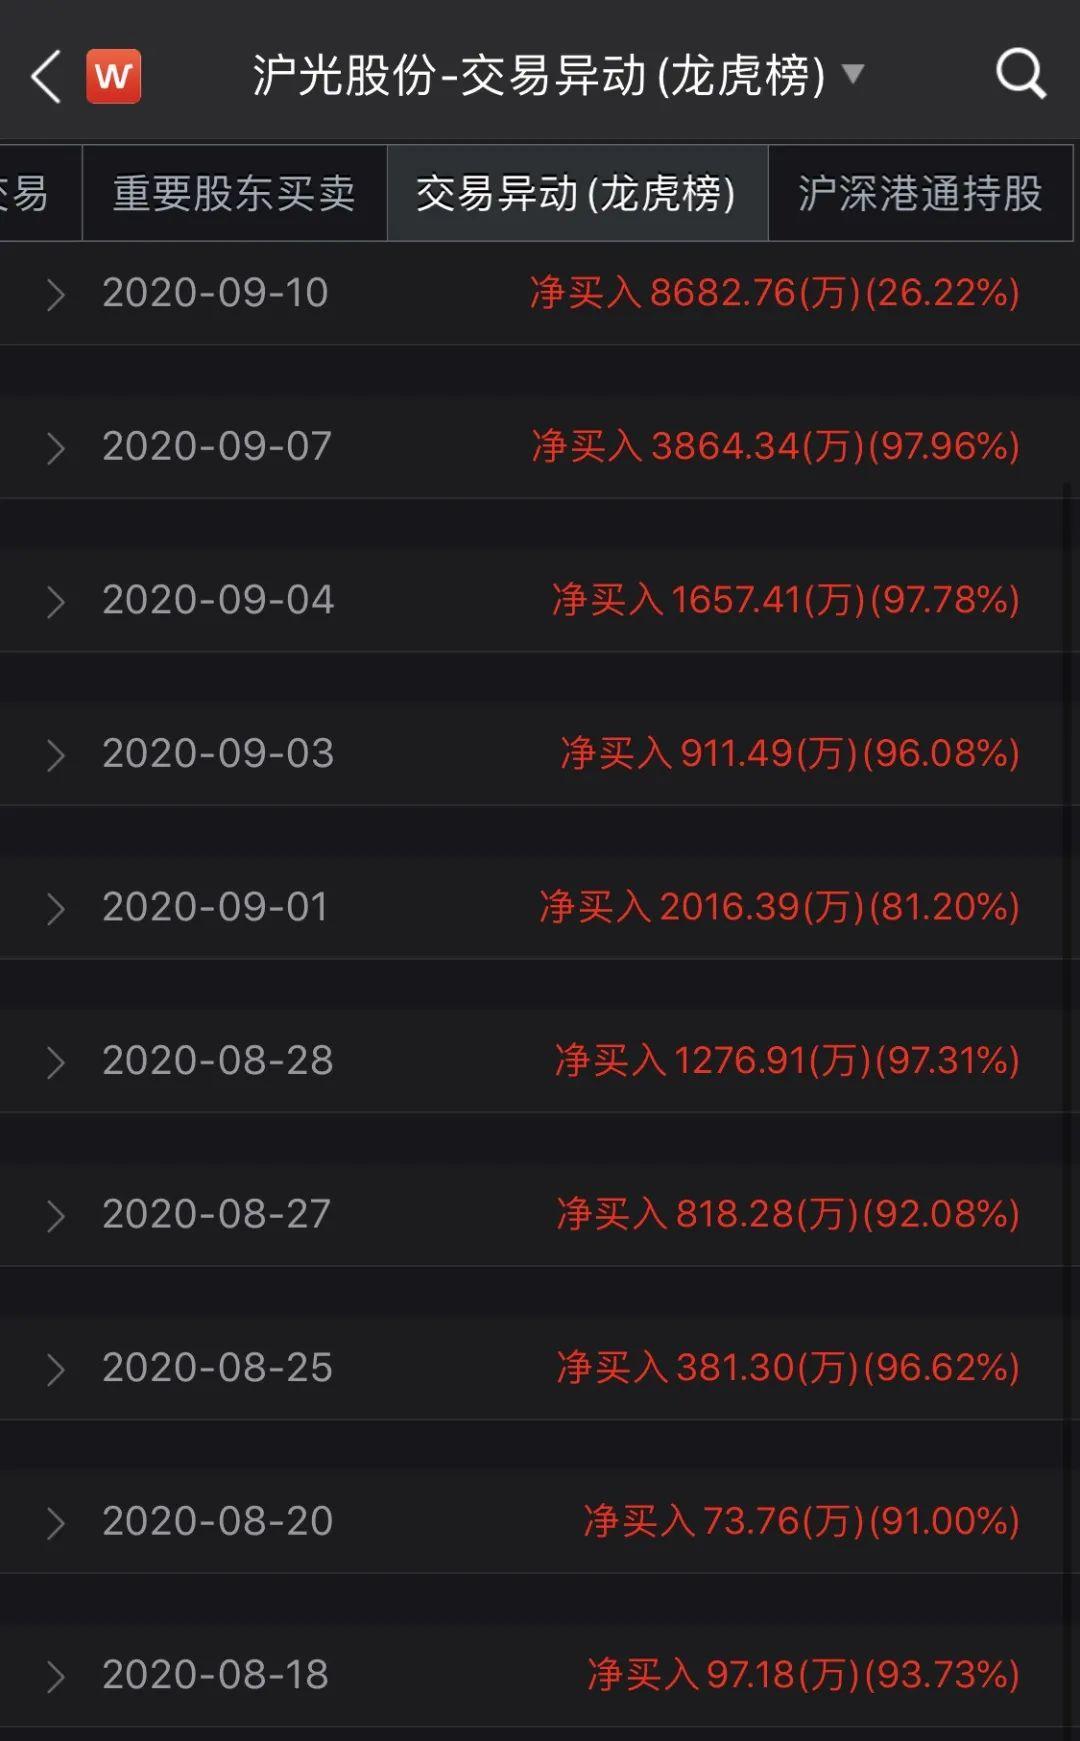 沪光股份14个一字涨停紧接3个一字跌停 最后1秒遭11万手大单撬板